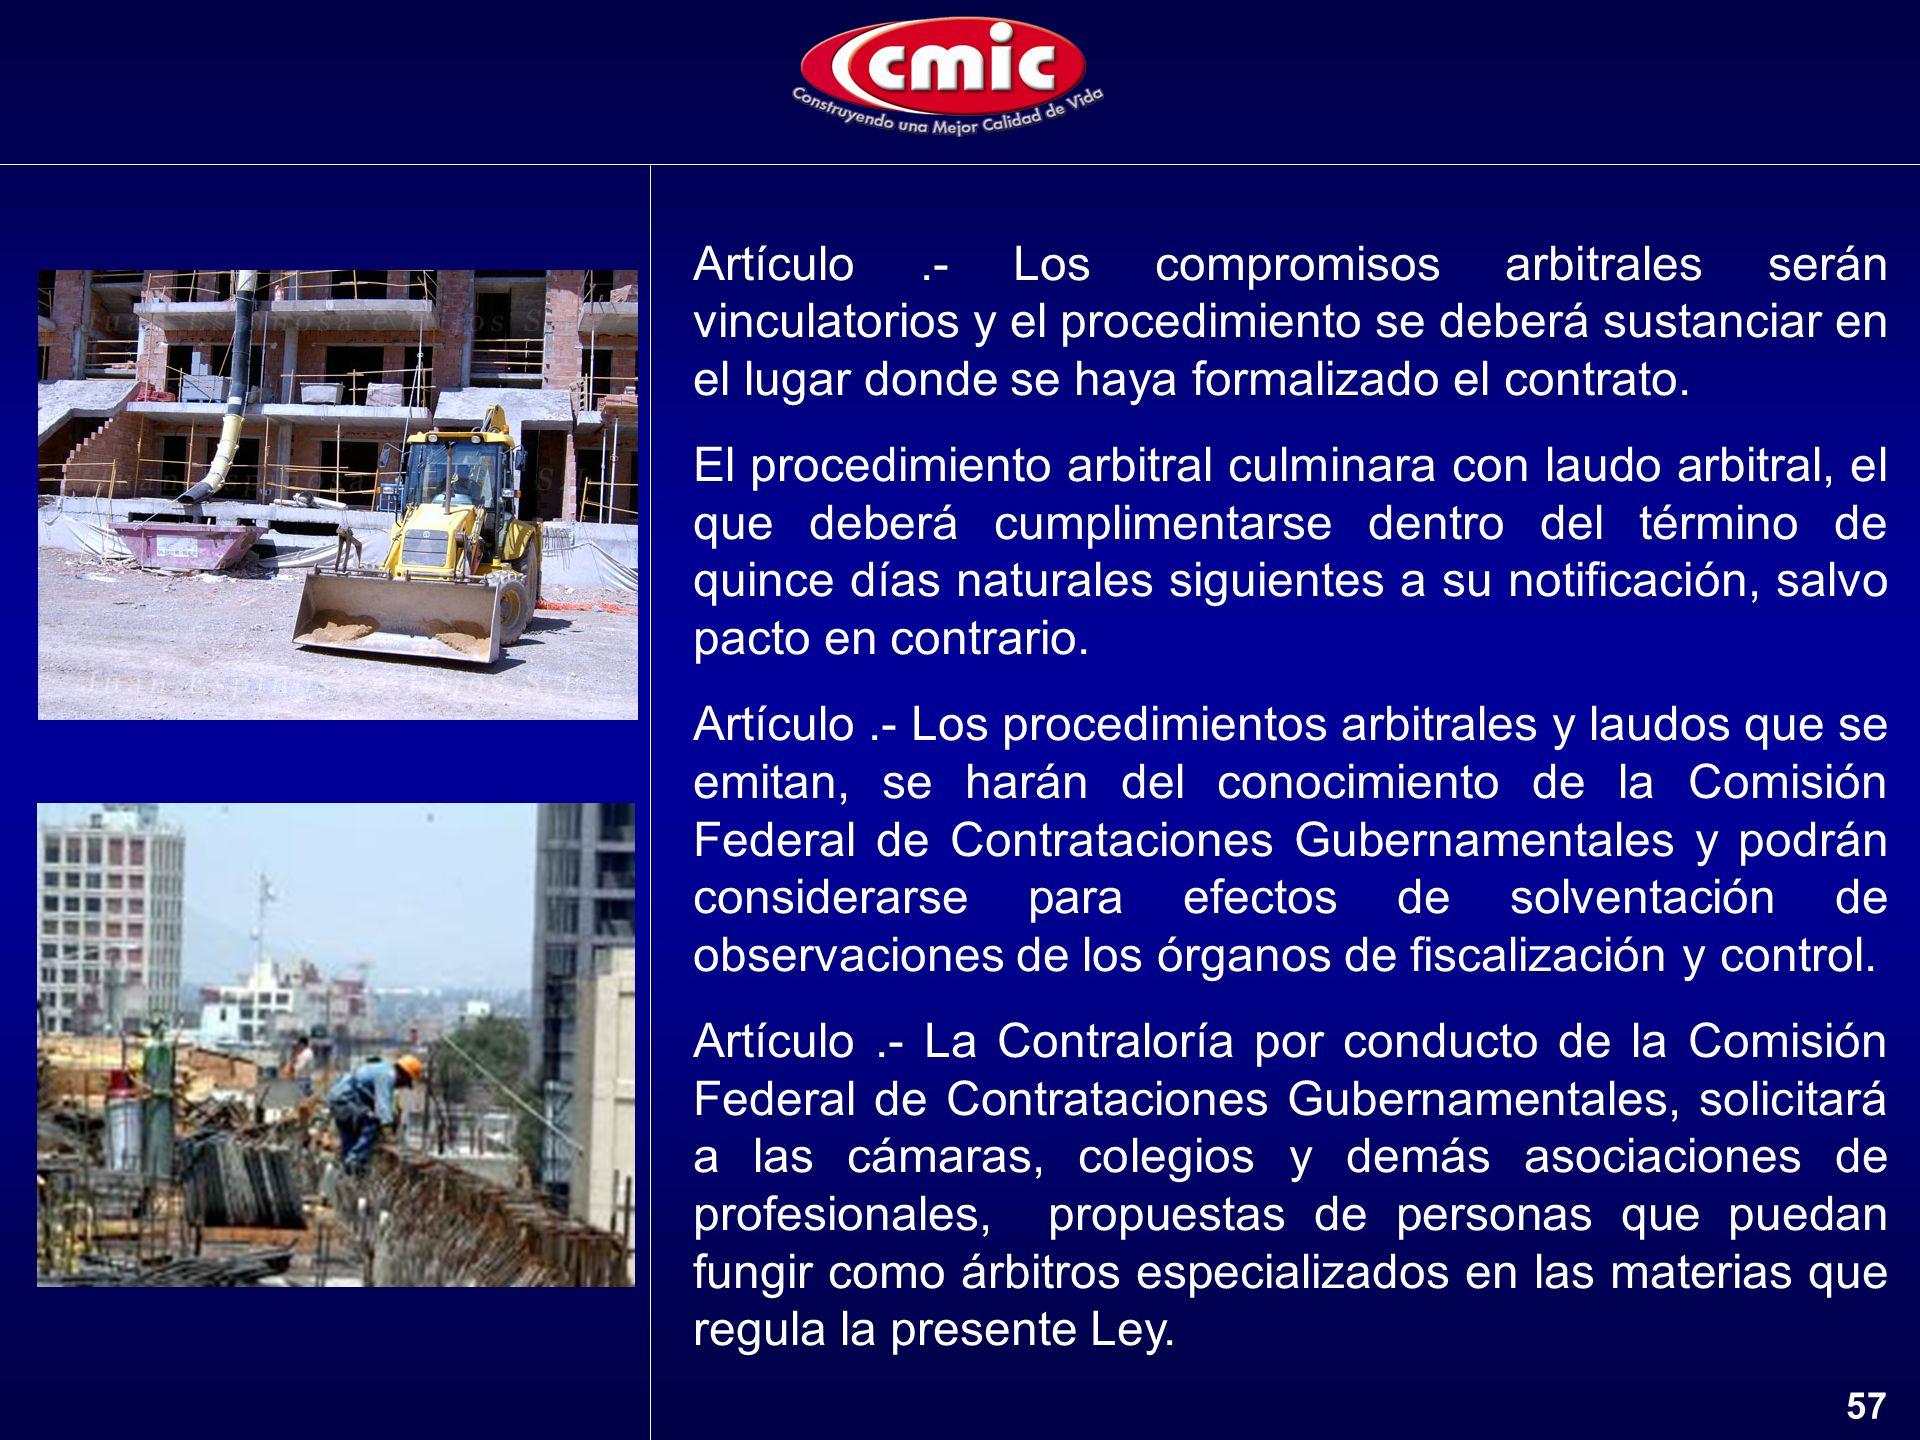 Artículo .- Los compromisos arbitrales serán vinculatorios y el procedimiento se deberá sustanciar en el lugar donde se haya formalizado el contrato.